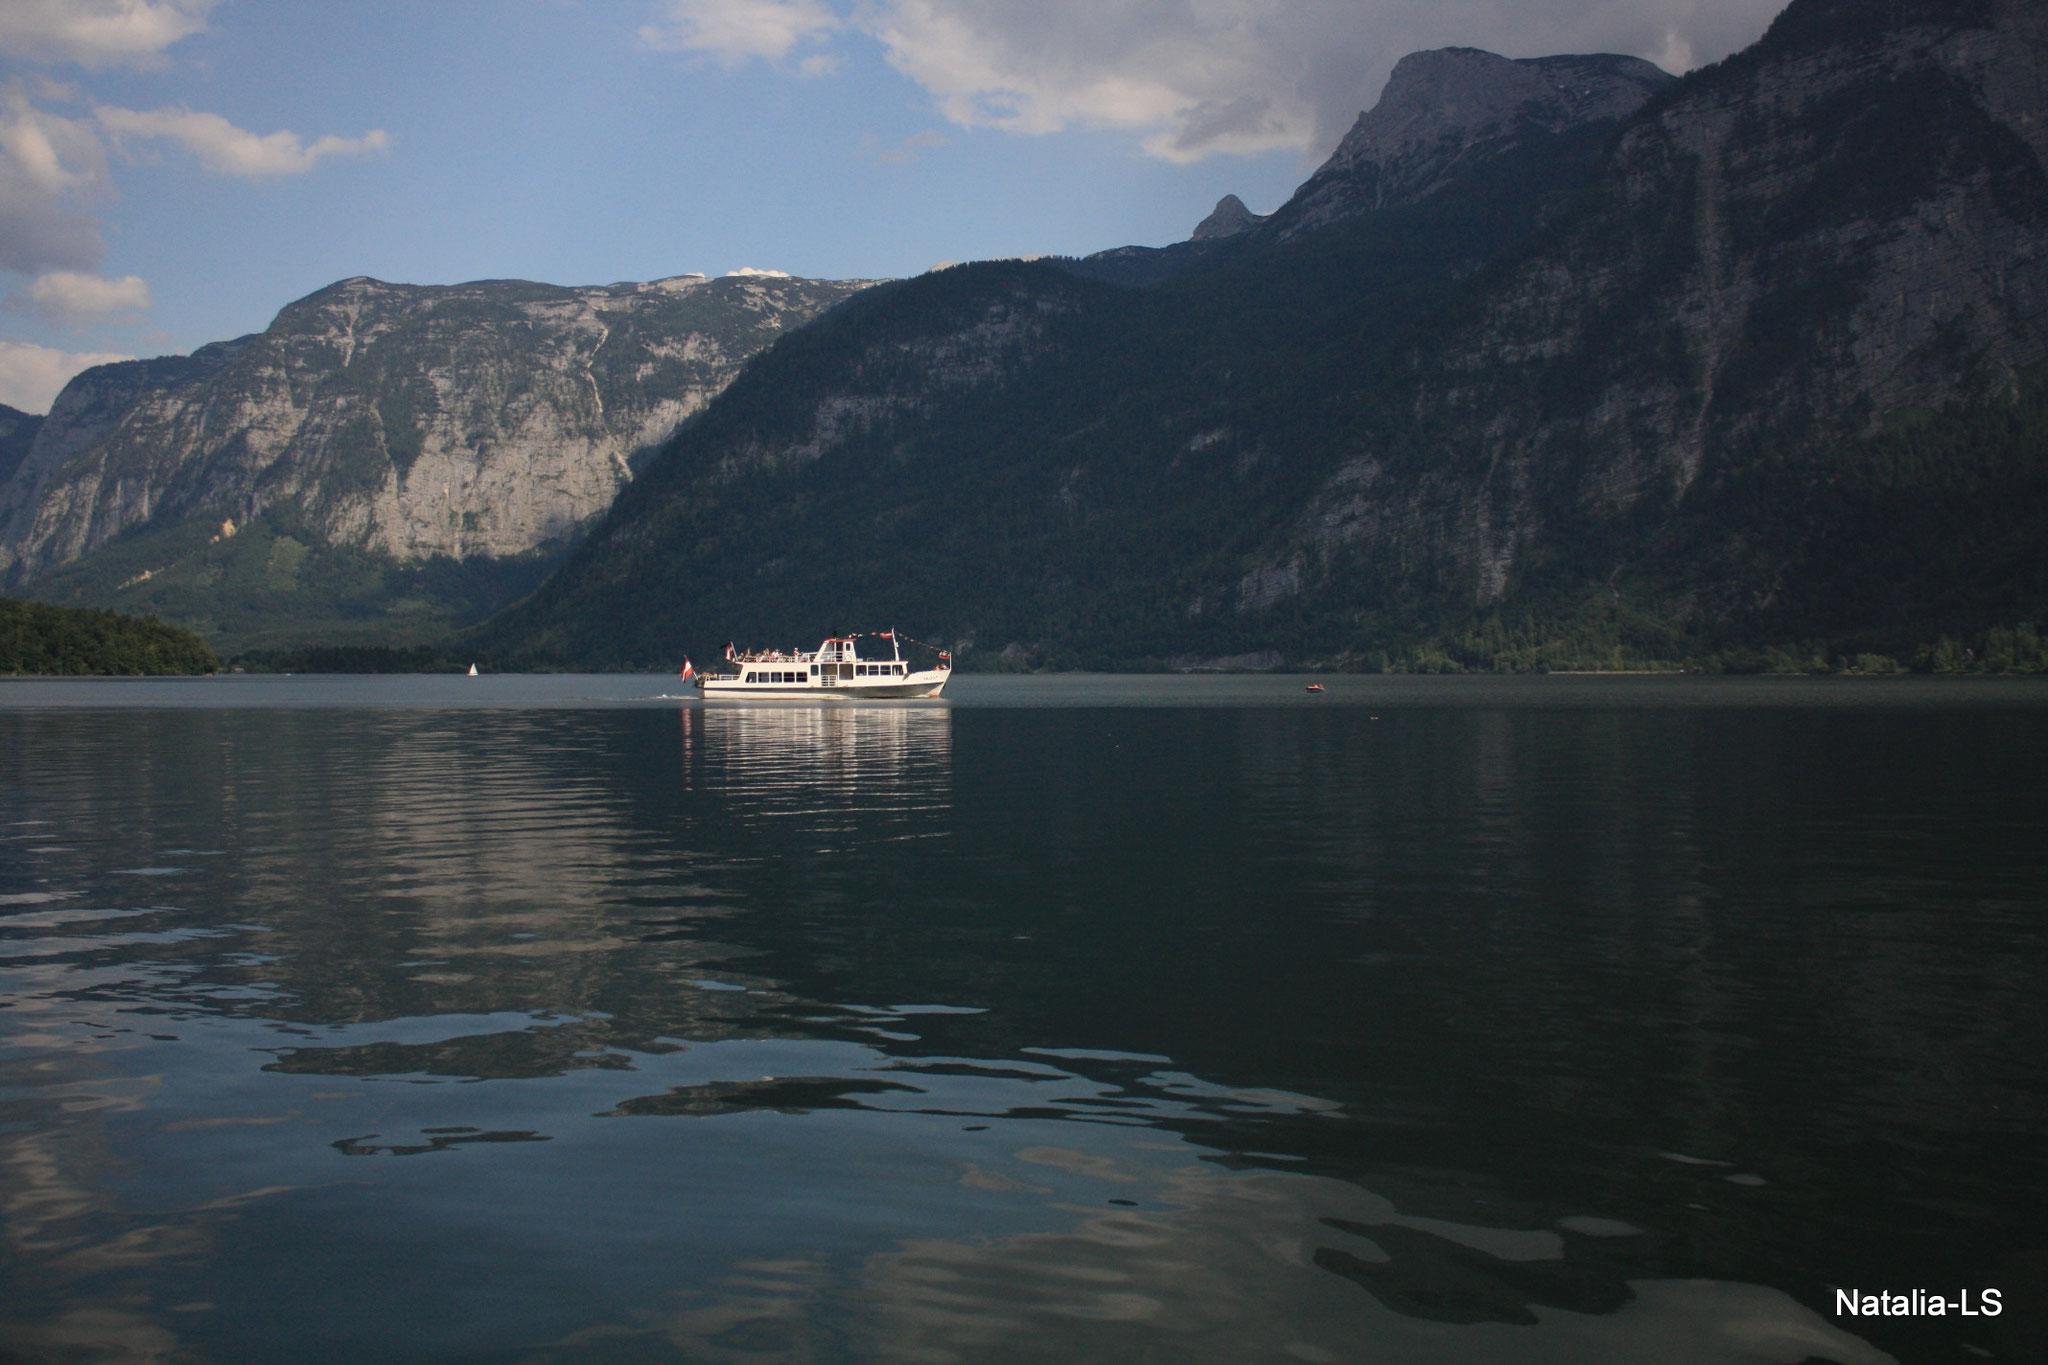 Лето в Альпах. 11 дней/10 ночей. От 1260 евро при 5 участниках.